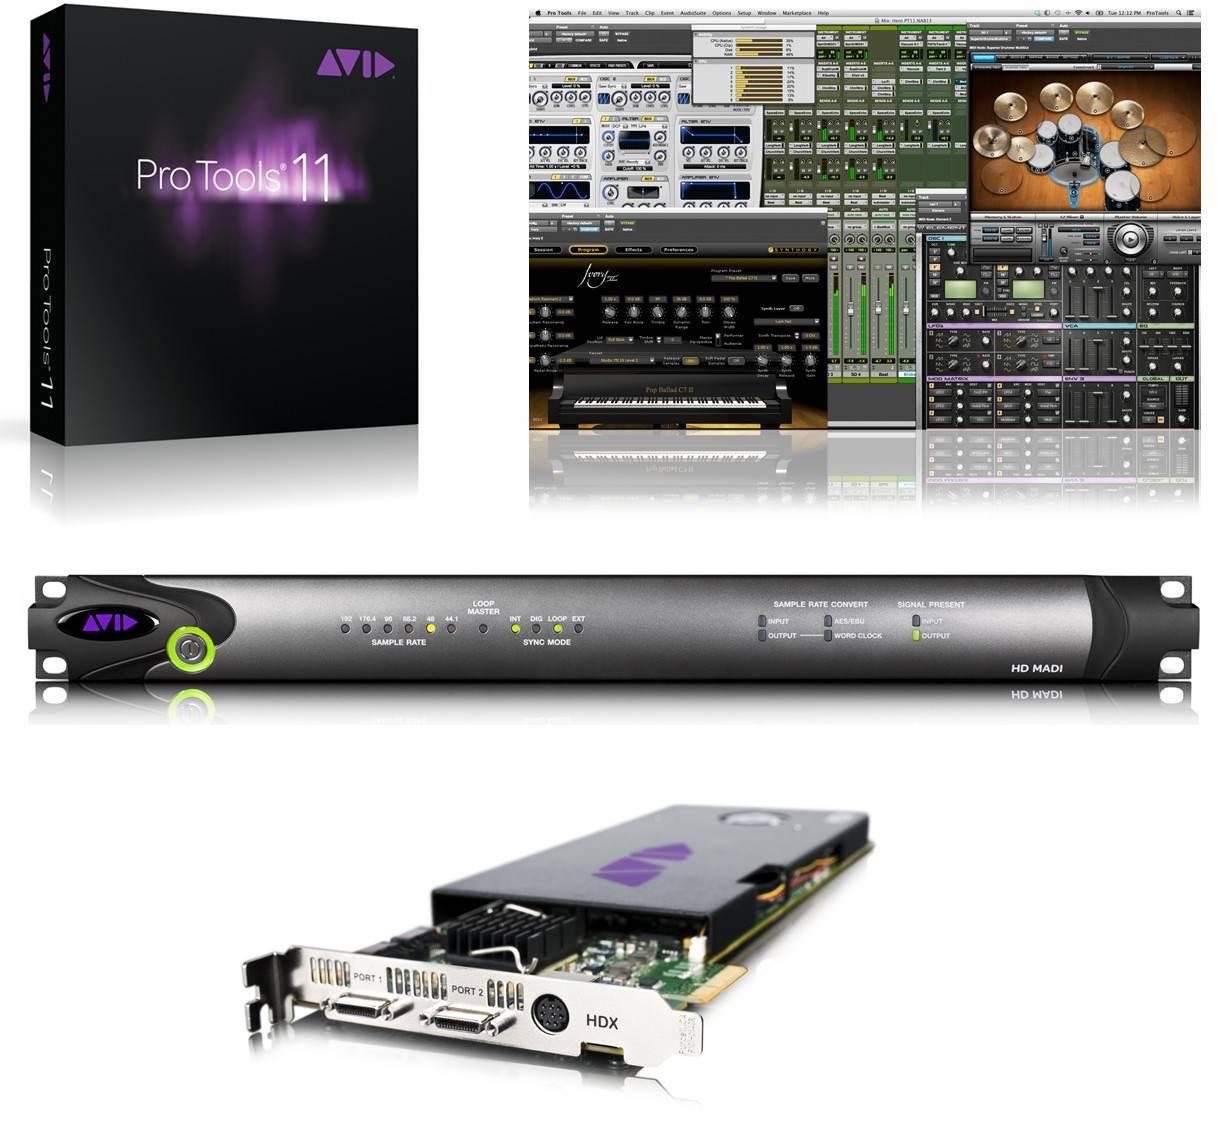 AVID HDX2 MADI System